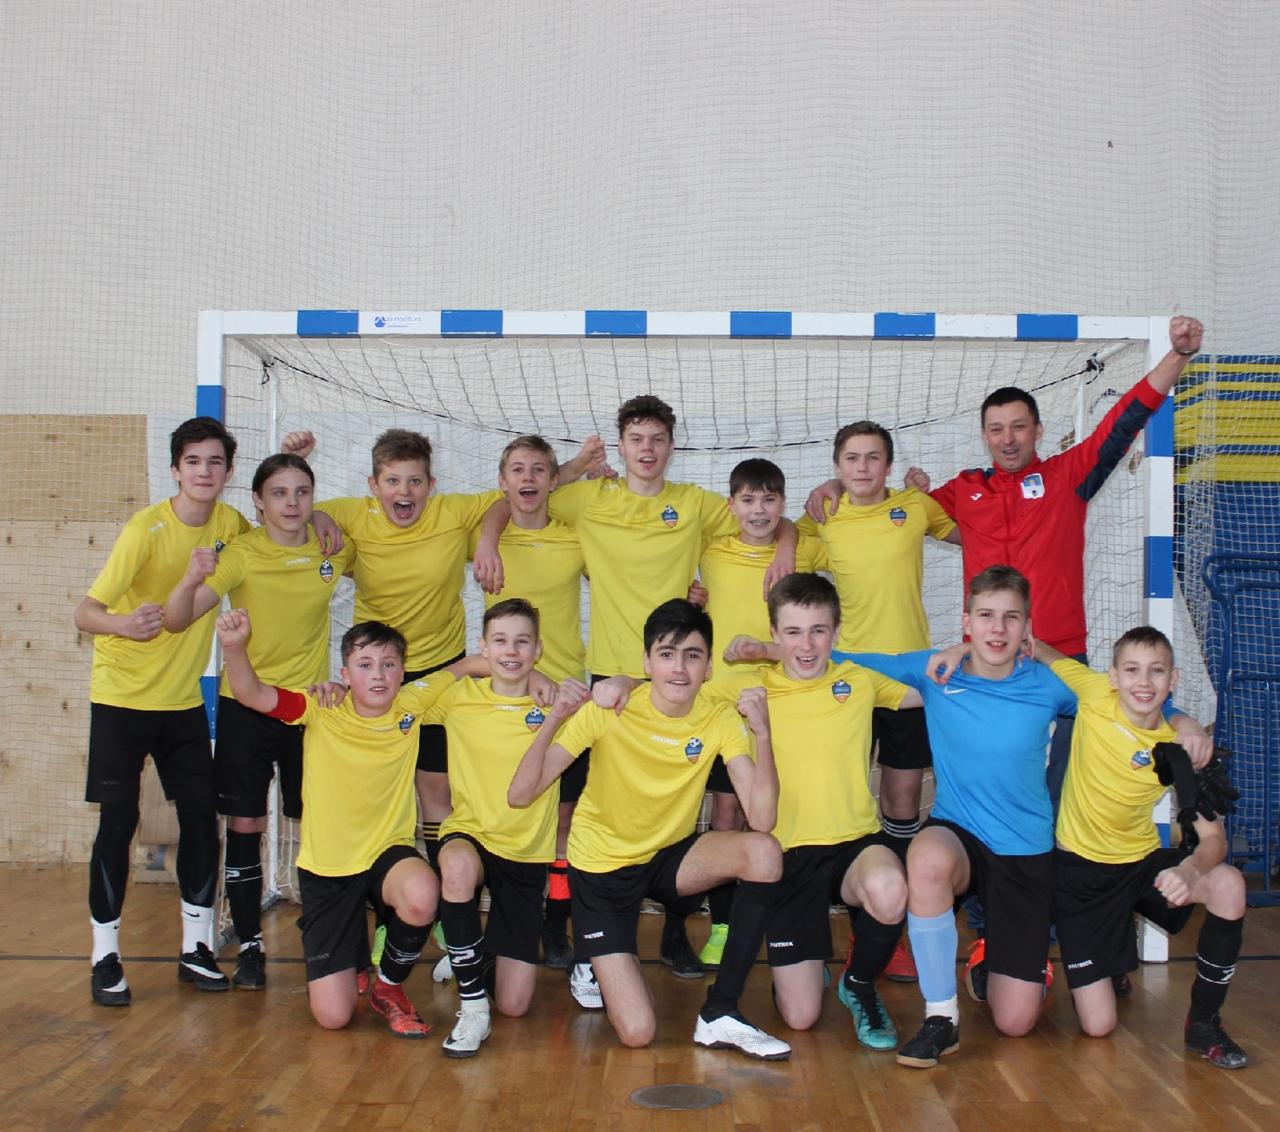 Команда юношей 2007 г.р. чемпион Московской области по мини-футболу!